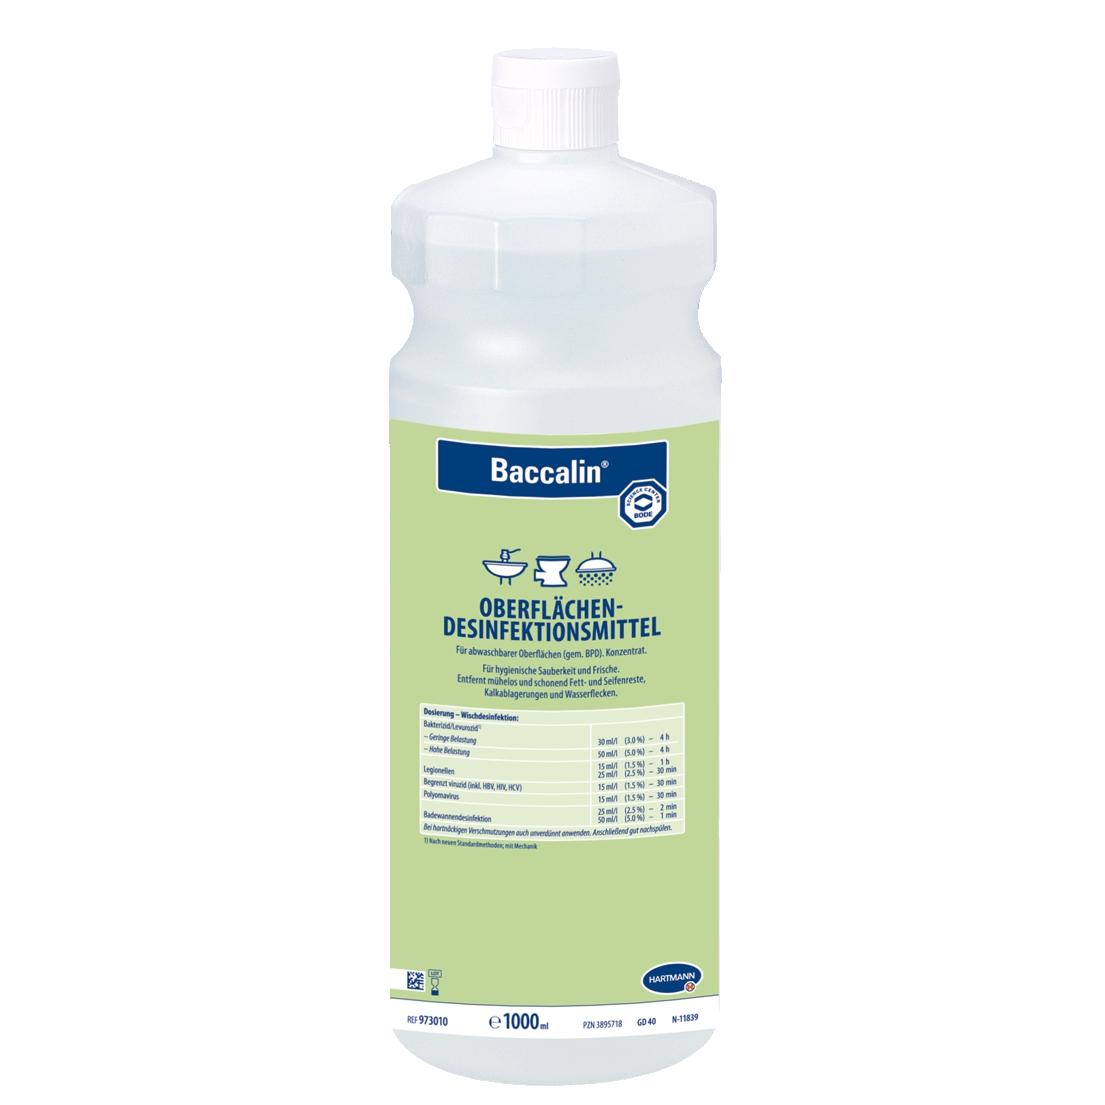 Baccalin |  1 Liter | aldehydfreier Flächen-Desinfektionsreiniger für Nassbereiche und sanitäre Einrichtungen